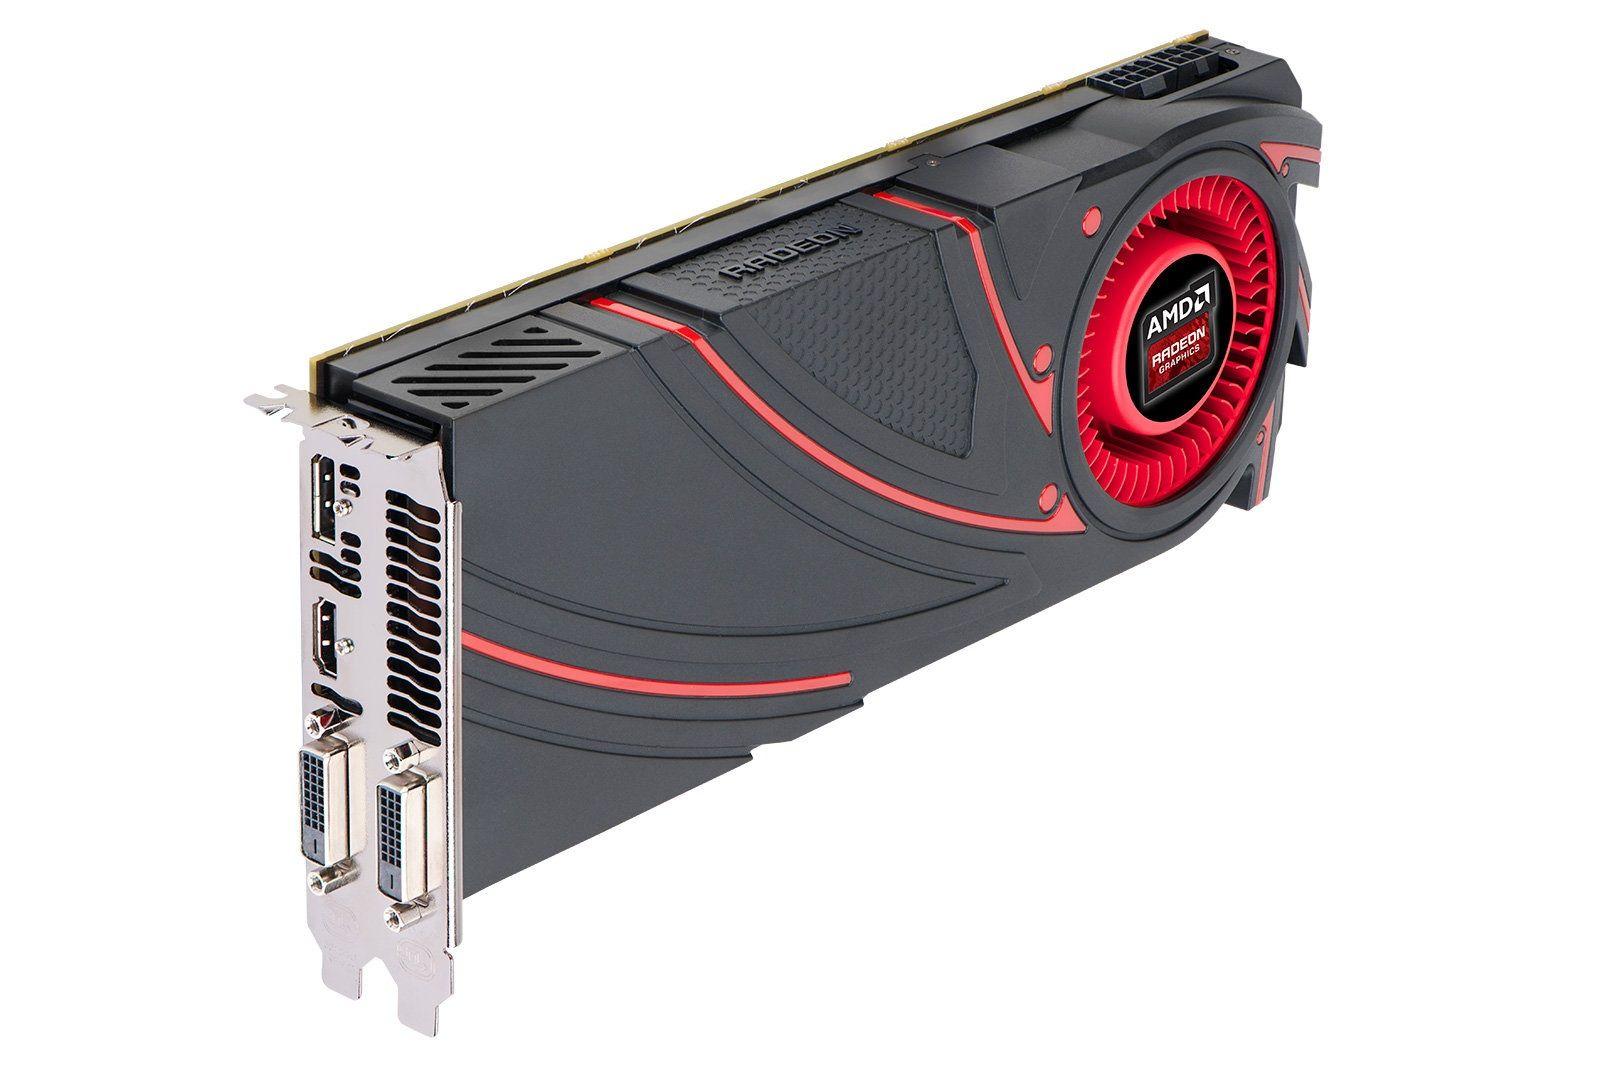 Amd Radeon R9 290x Hawaii Gpu Graphic Card Amd Nvidia